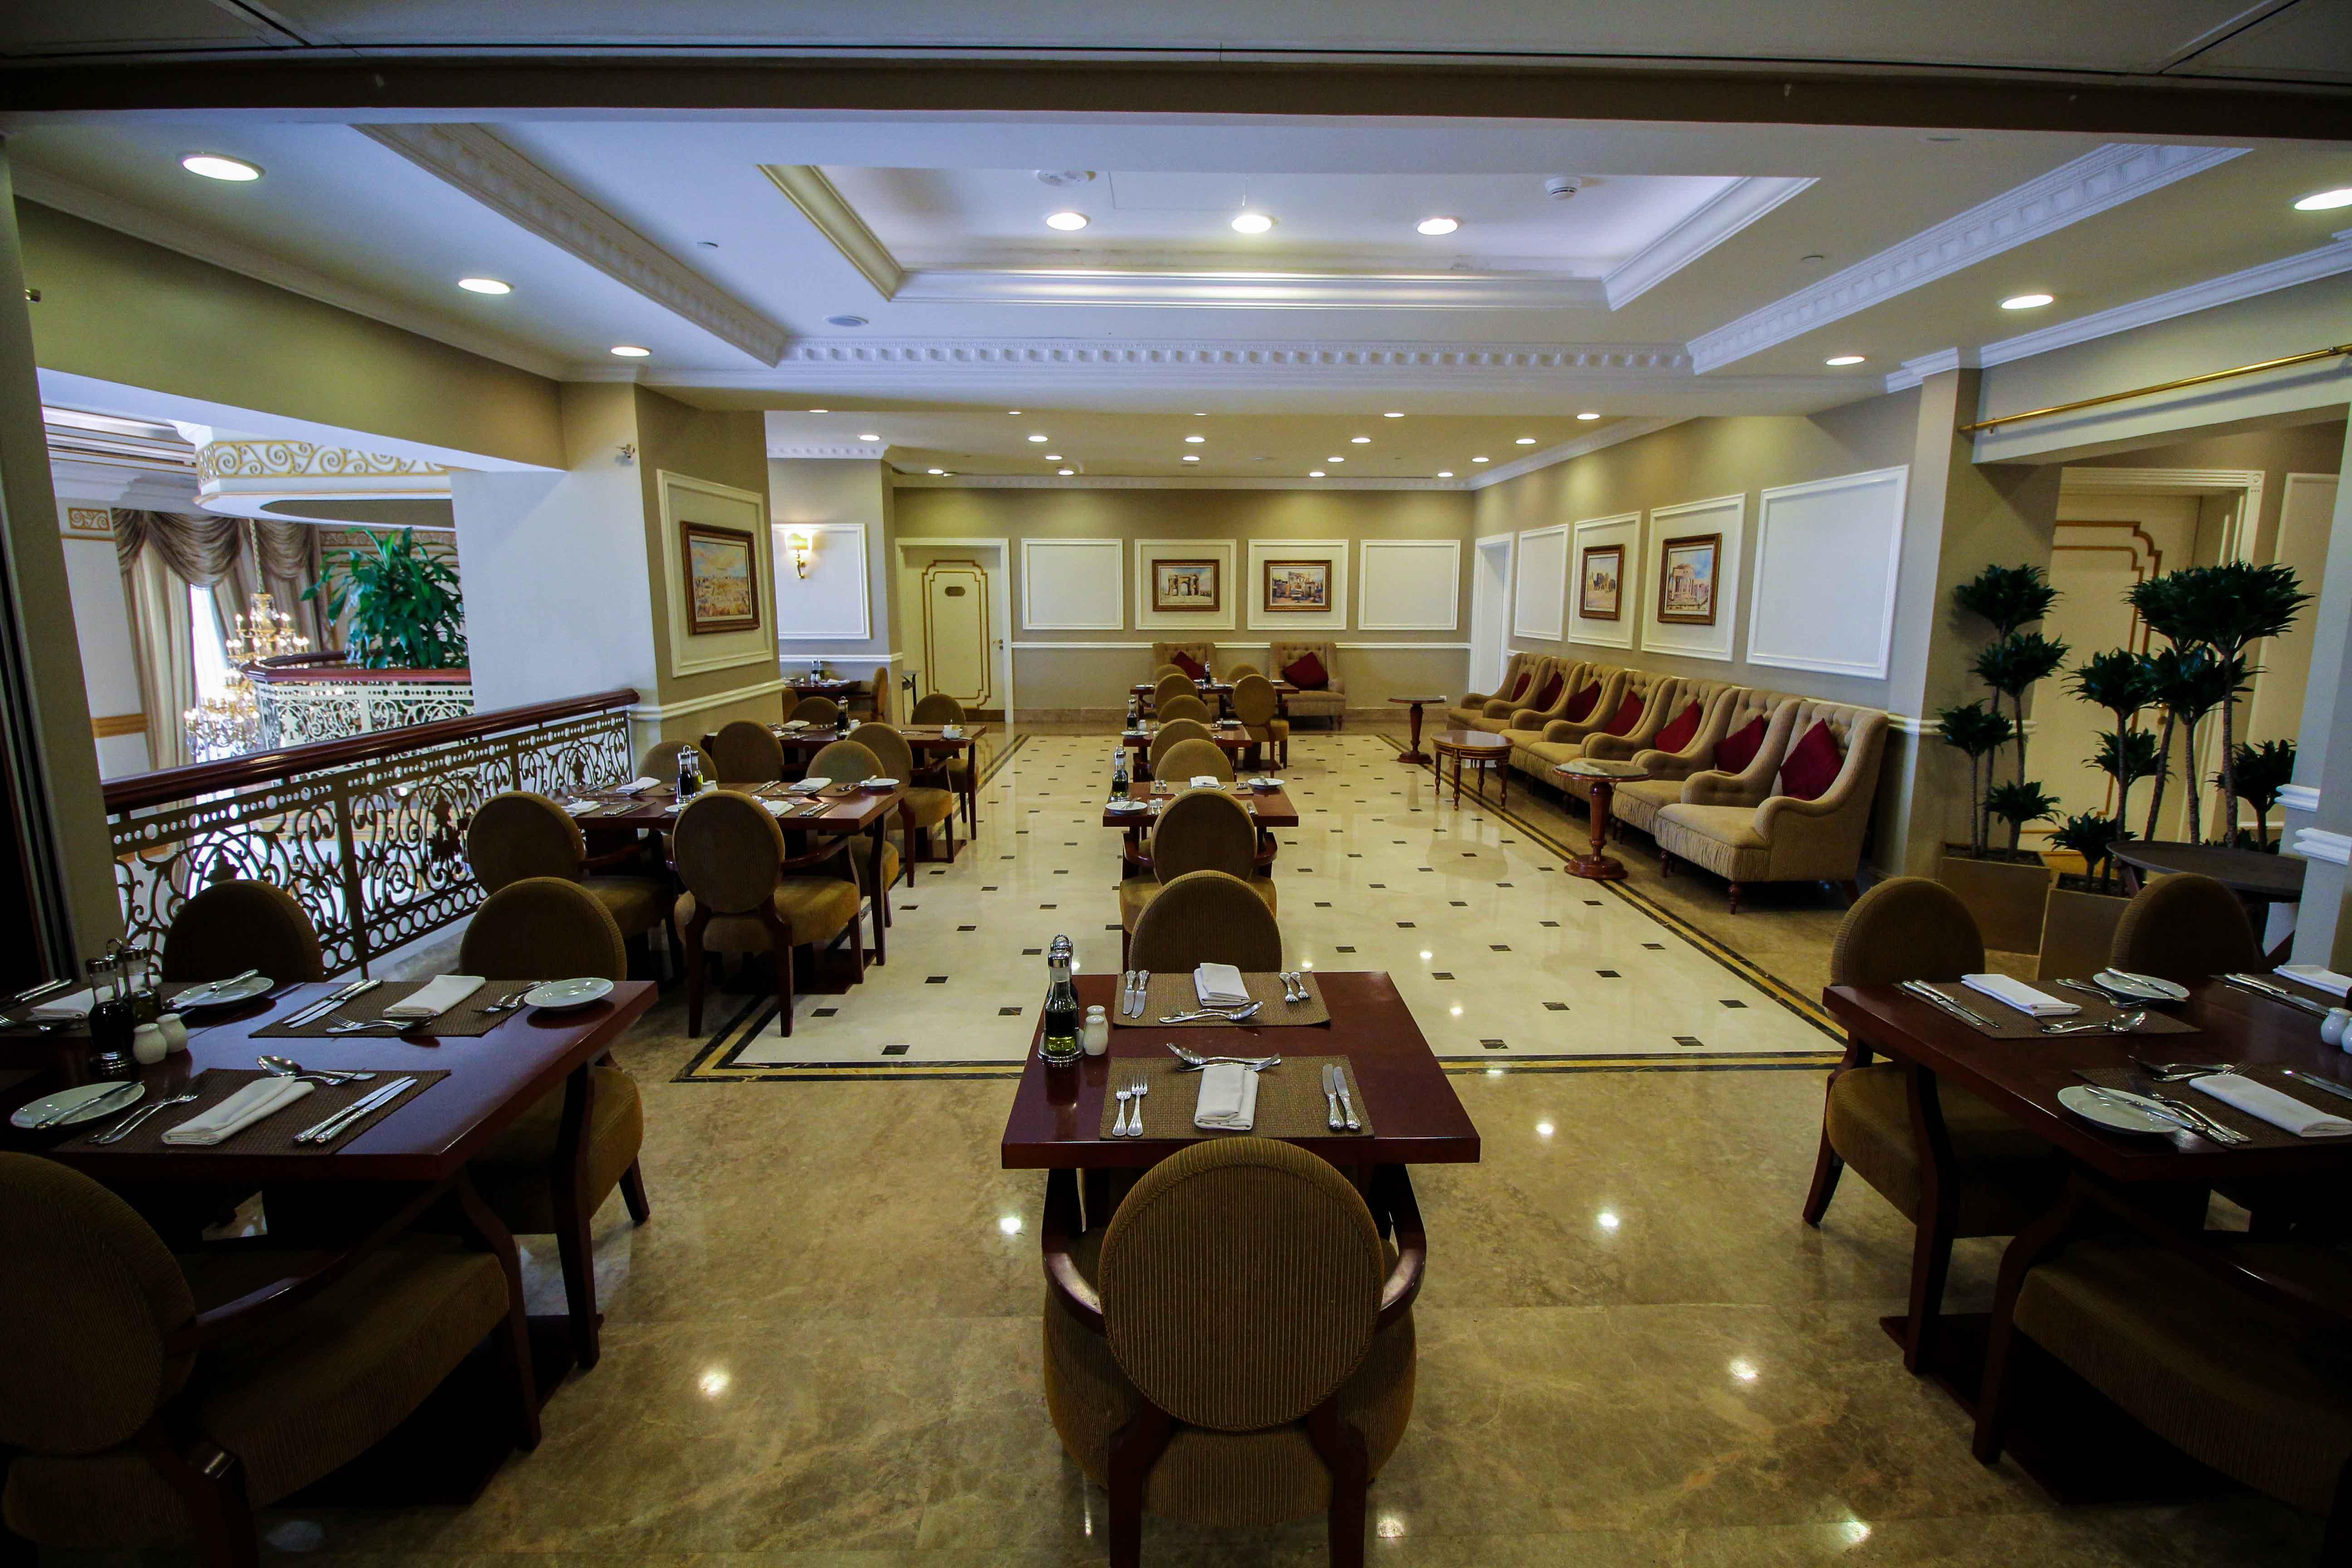 Warwick Hotel Doha Dinner Raum Luxushotel 5 Sterne Hotel Qatar Reiseblog